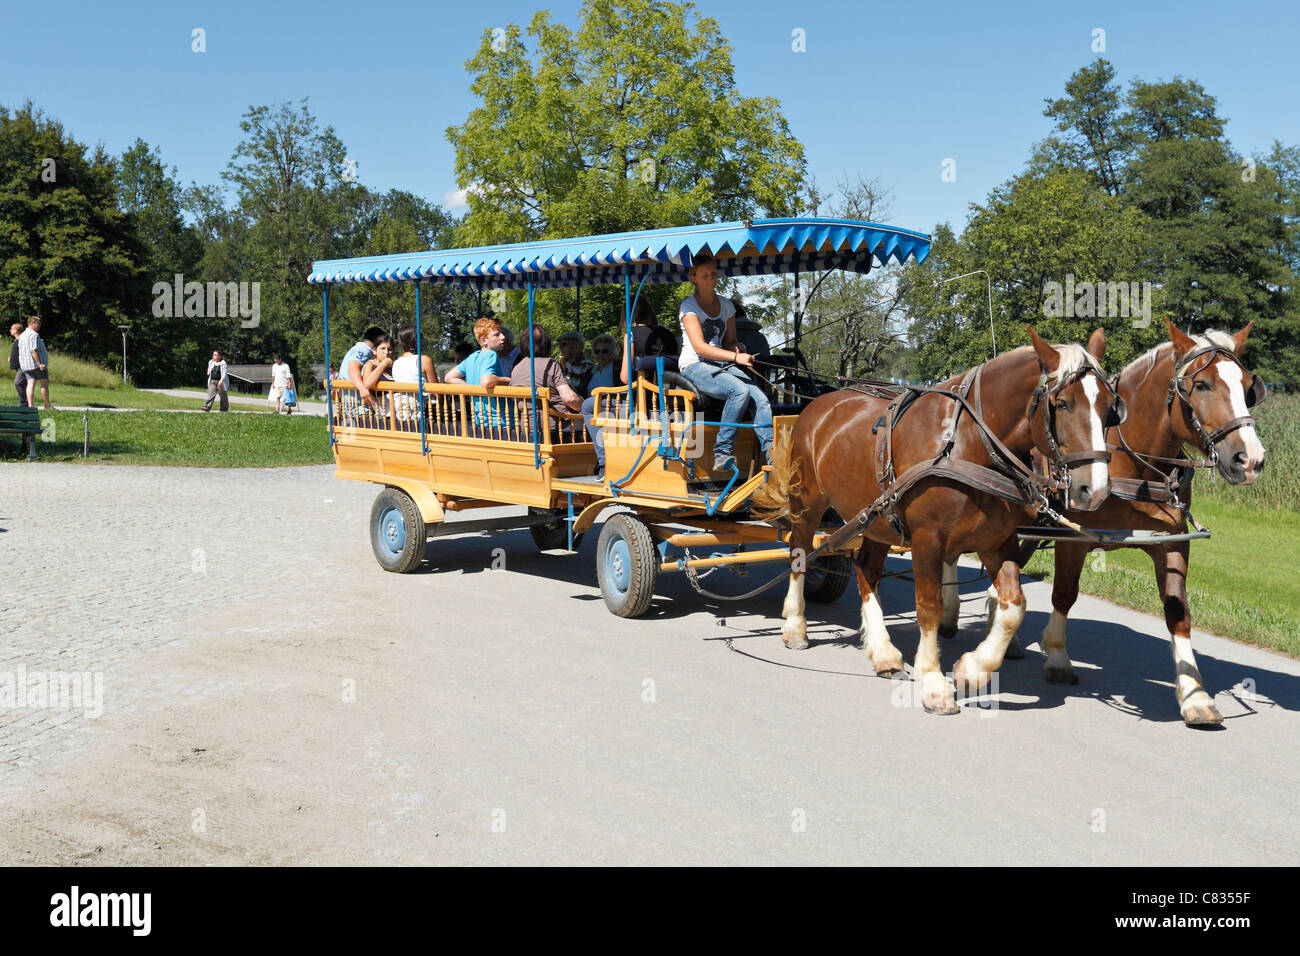 Horse carriage on the Herreninsel, Chiemgau Upper Bavaria Germany - Stock Image